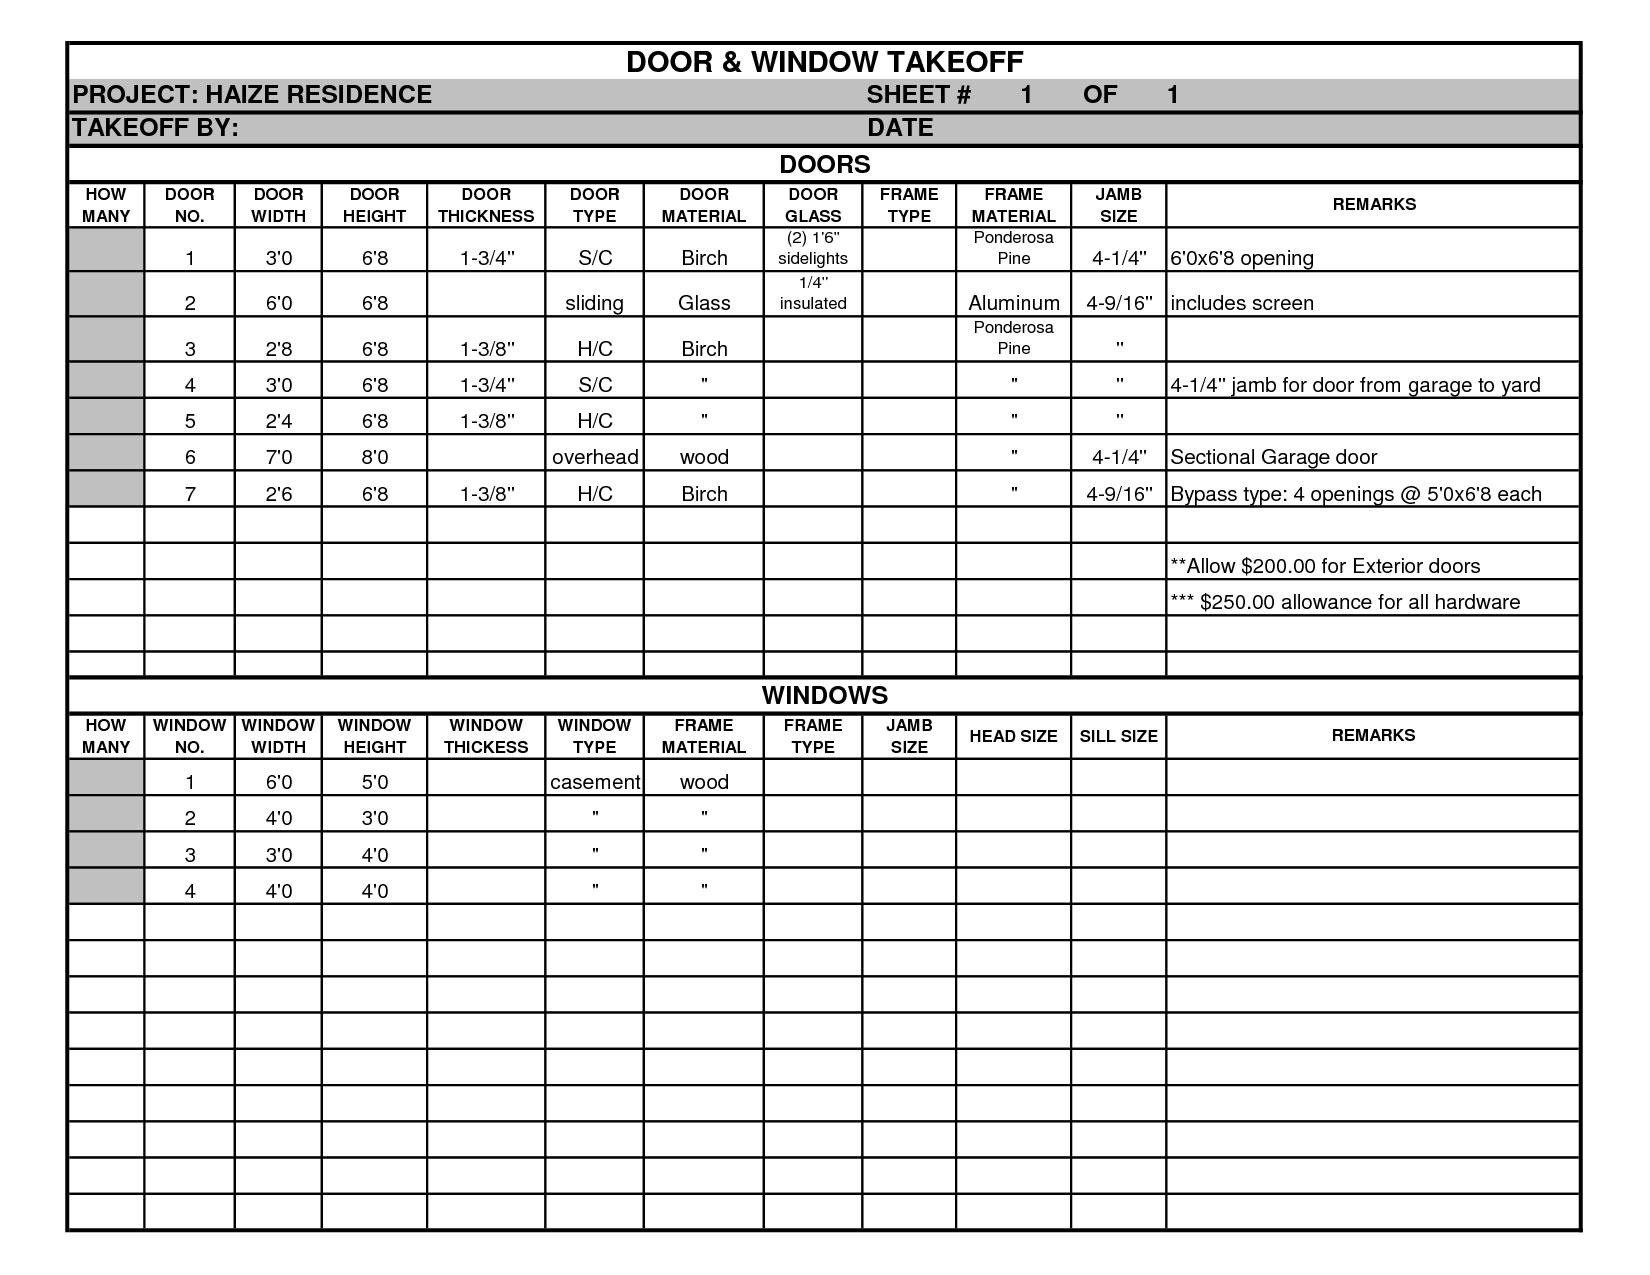 Documents Of Door Hardware Schedule Template Excel In Door Hardware Schedule Template Excel Letter